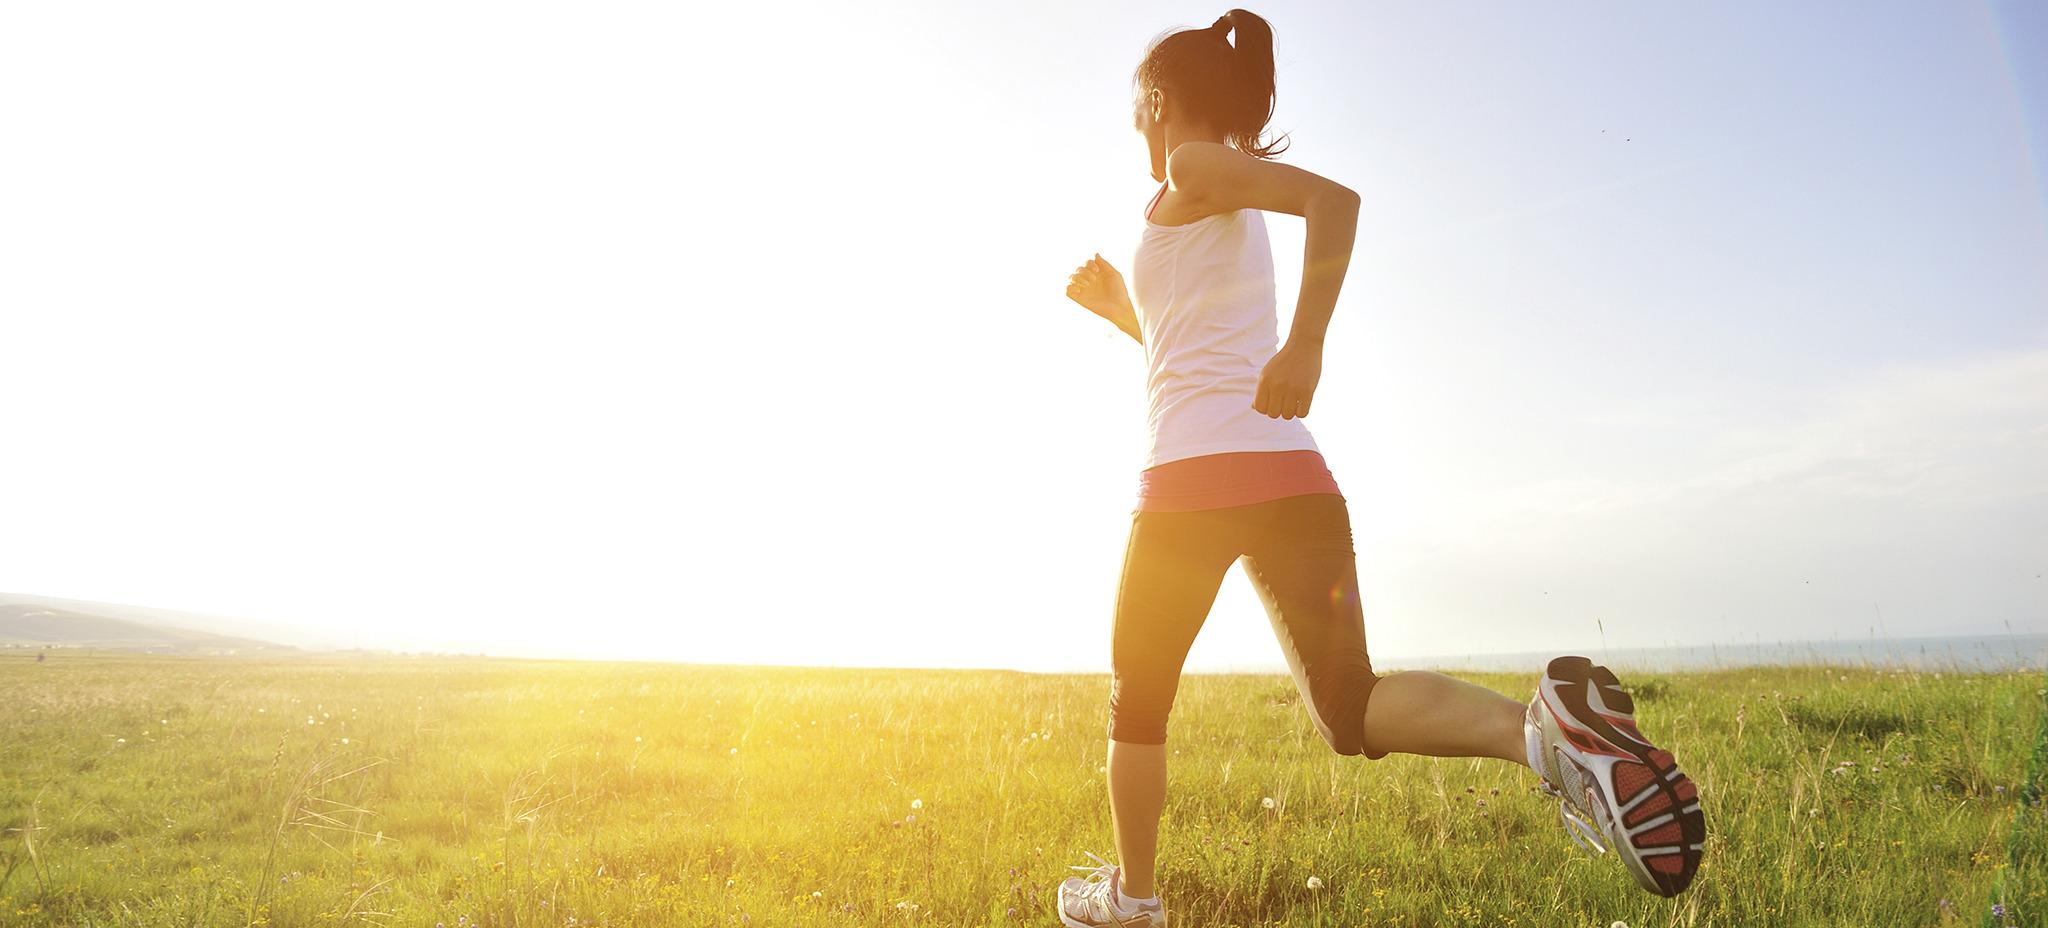 越跑越輕鬆,5原則顛覆你的跑步技巧-SmartM 人才培訓網